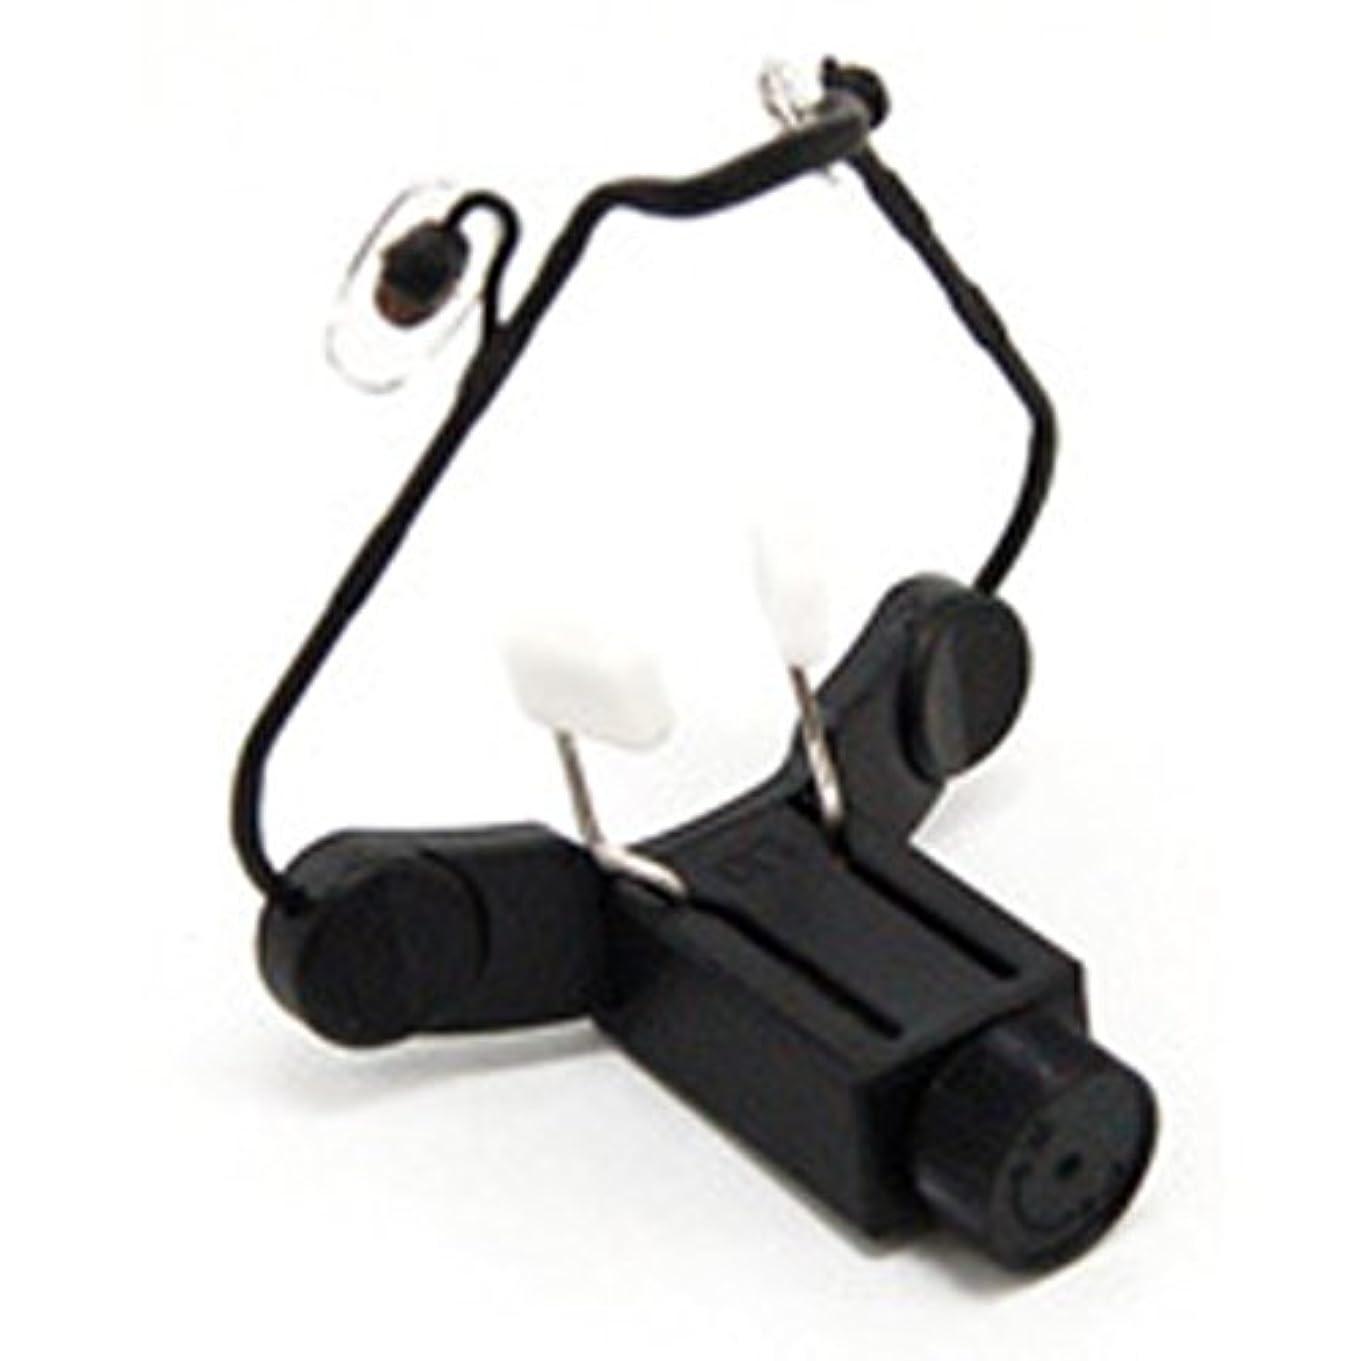 タービン良心起こりやすいハイコ(HICO)美鼻補整器具